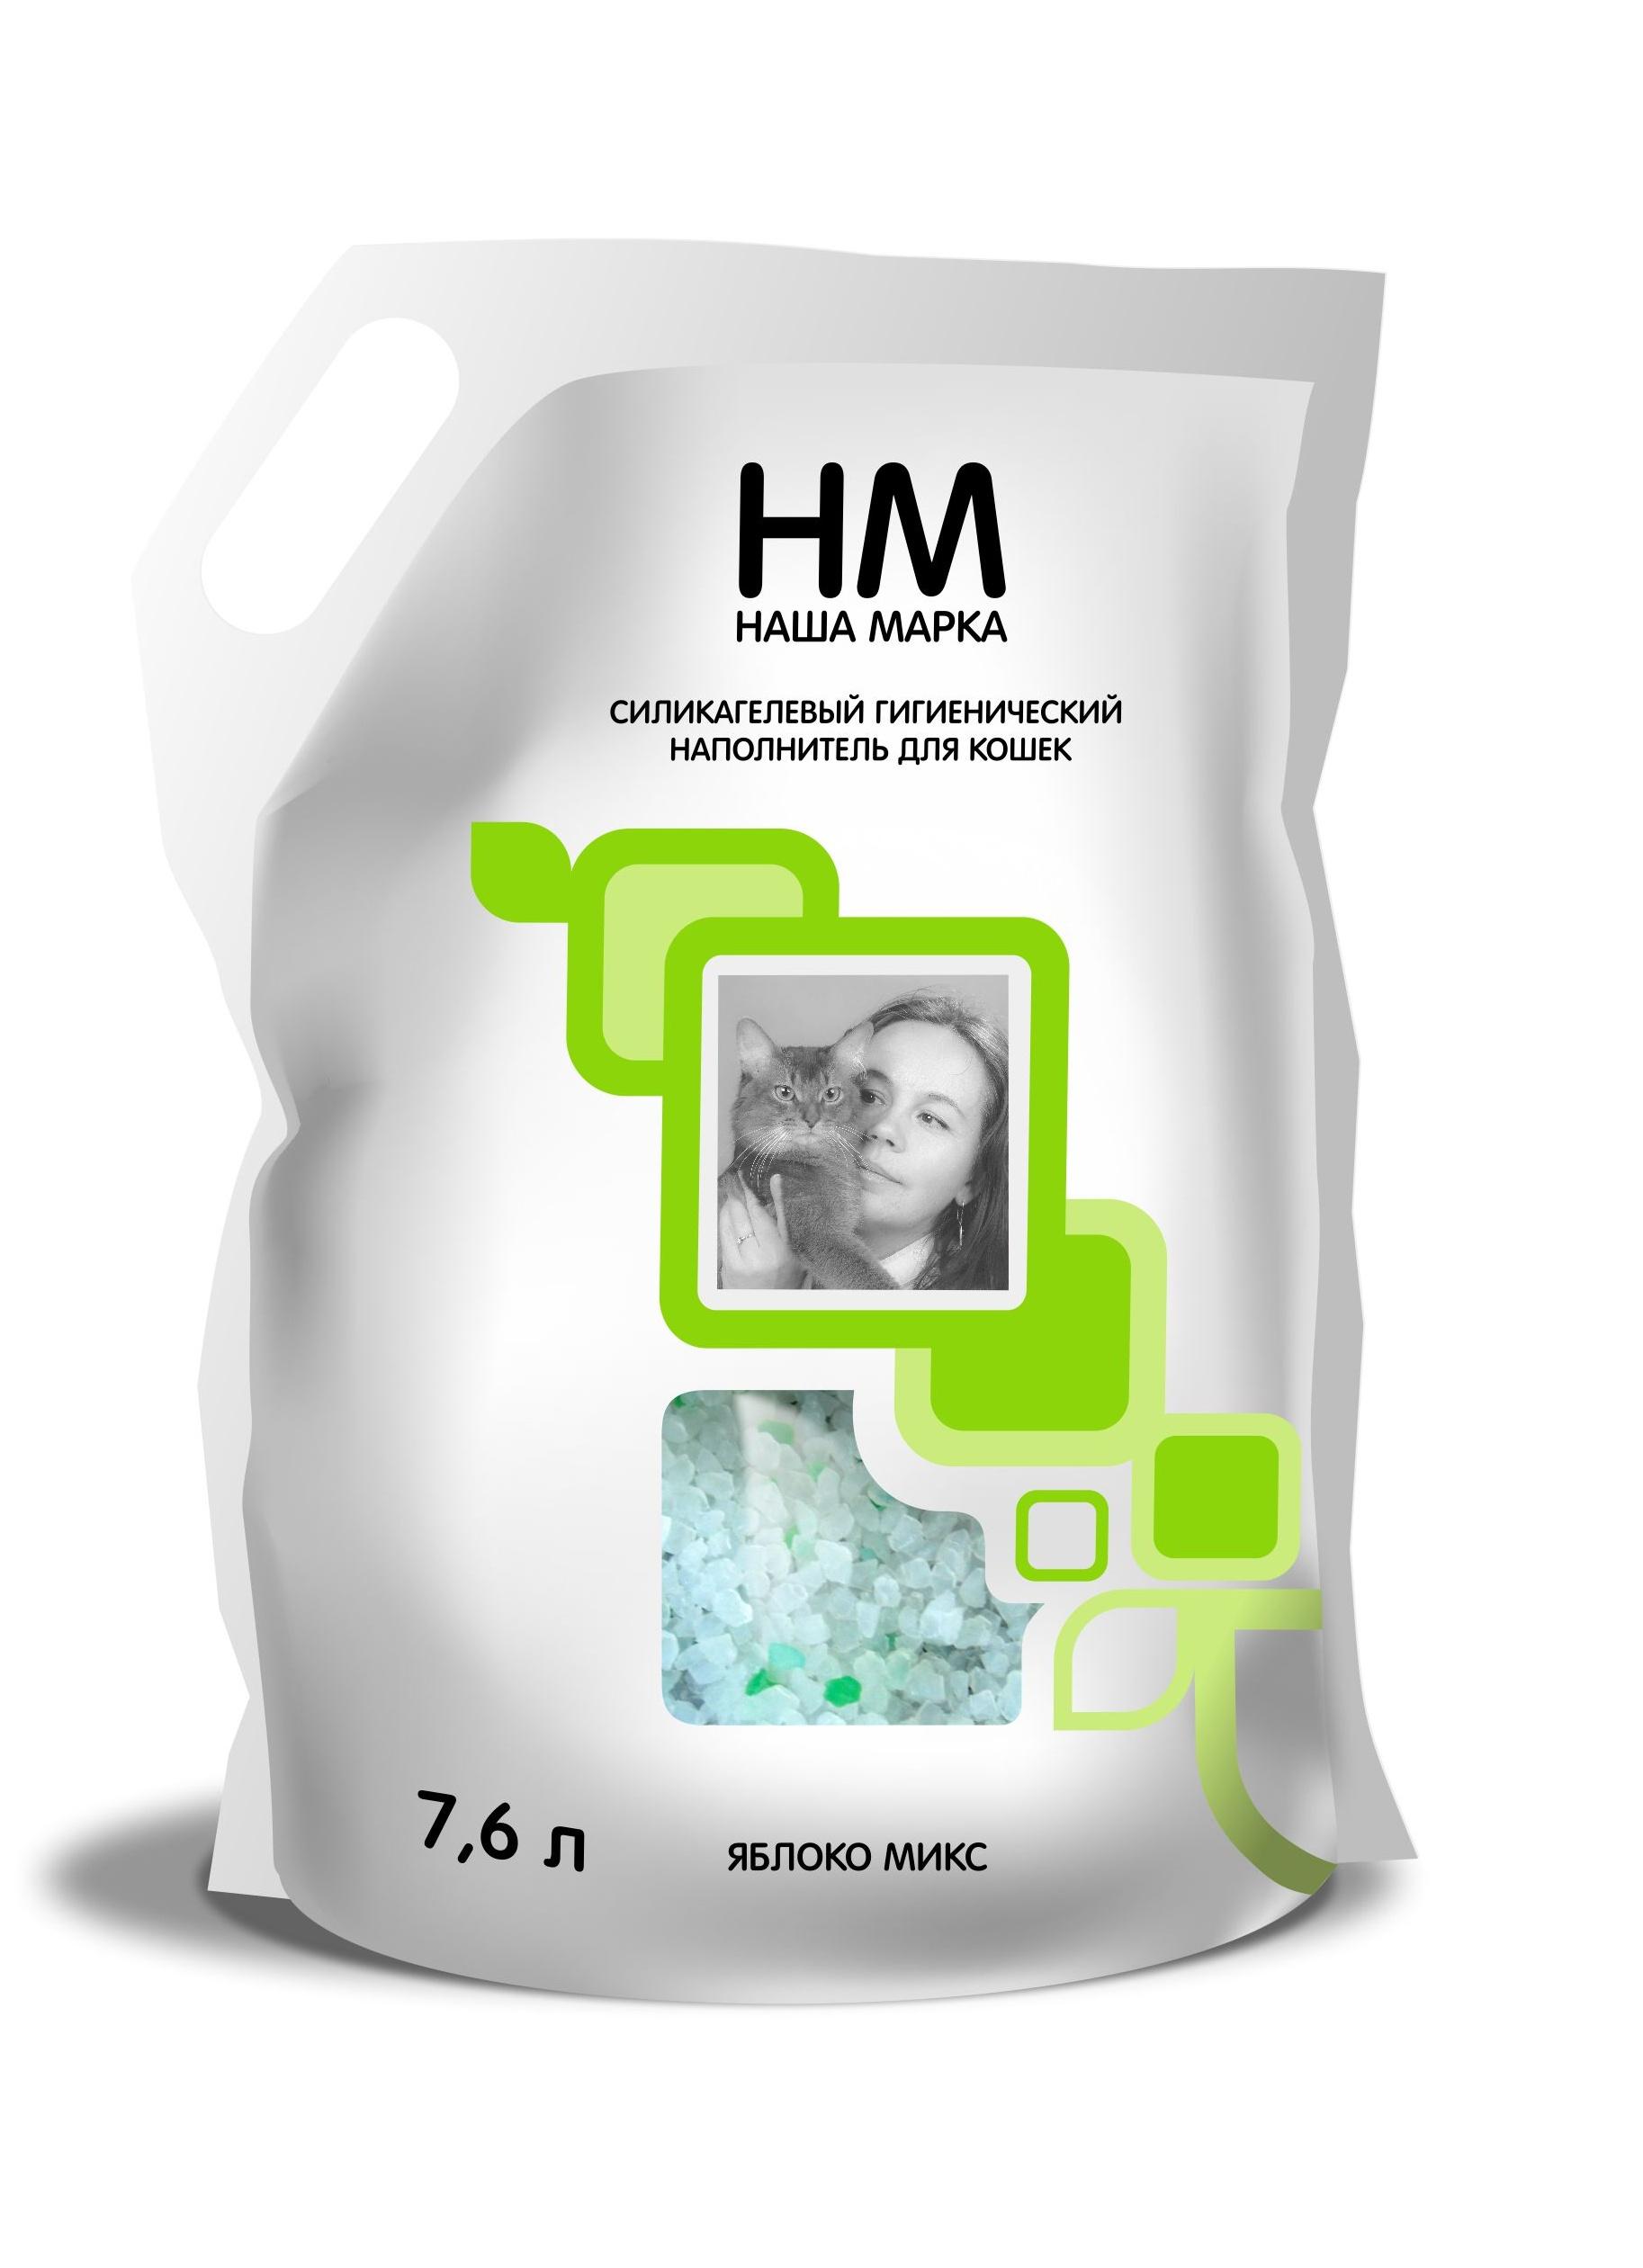 Наполнитель НМ силикагелевый для кошек 35л яблоко микс Kormberi.ru магазин товаров для ваших животных